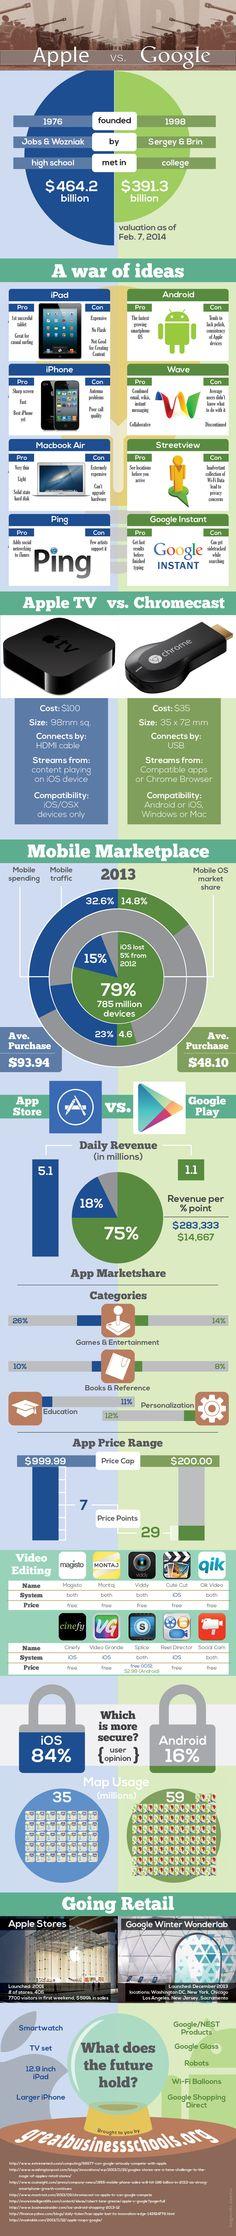 Open Warfare: Google vs. Apple